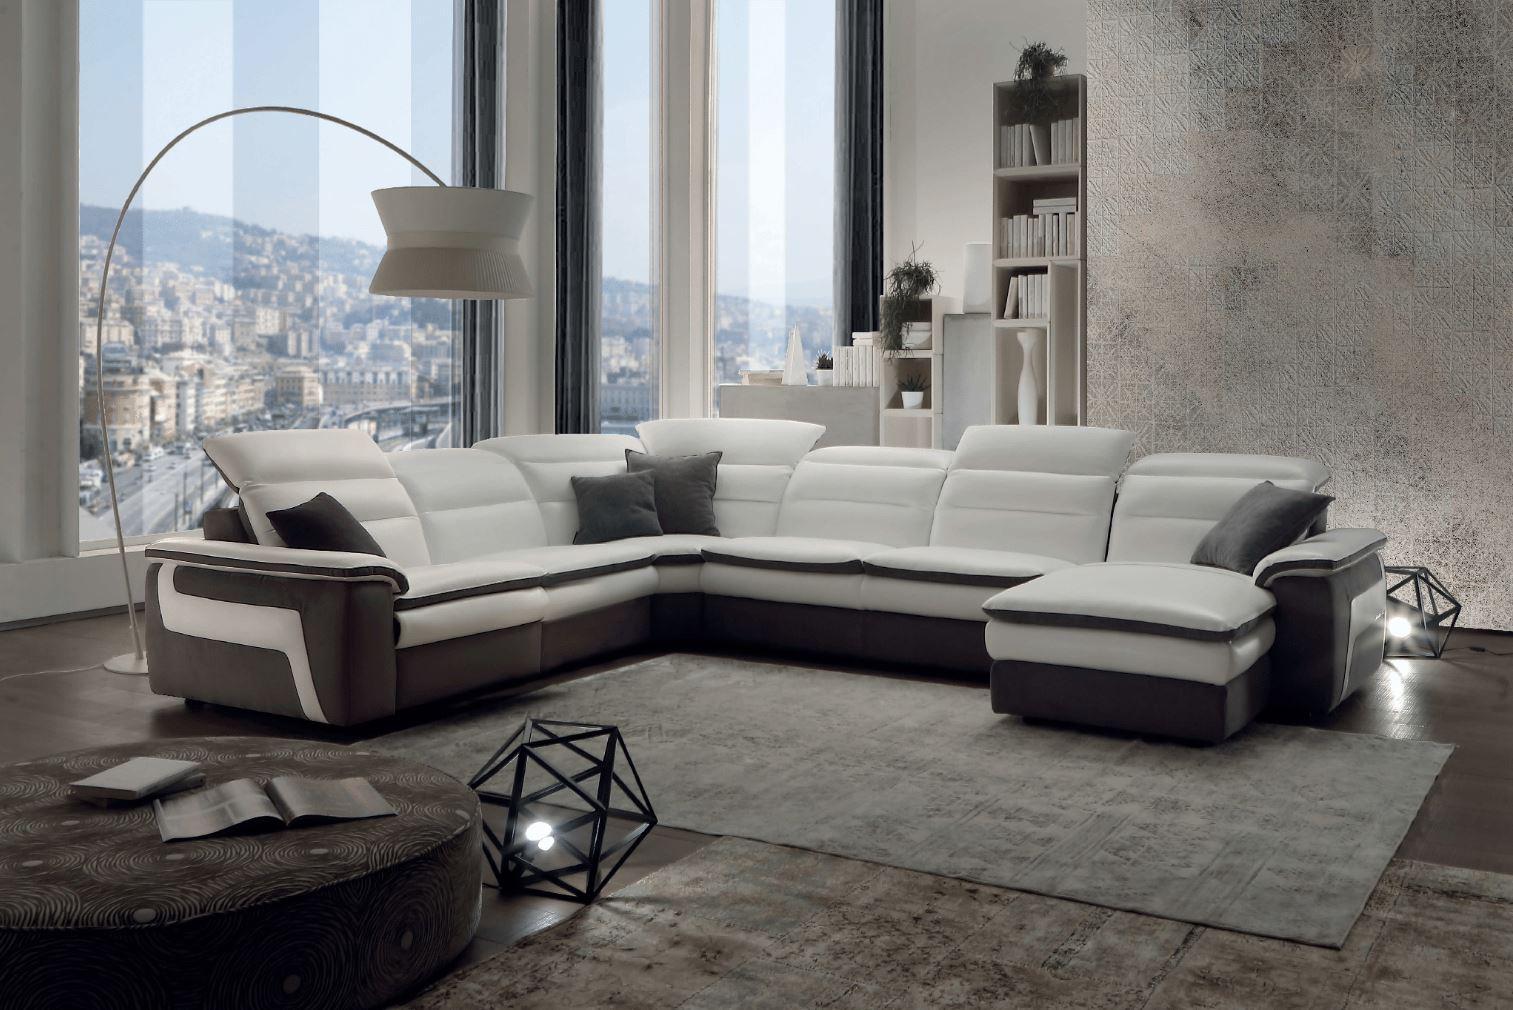 Salon d'angle panoramique relax en cuir - Modèle 318E Marseille (13)